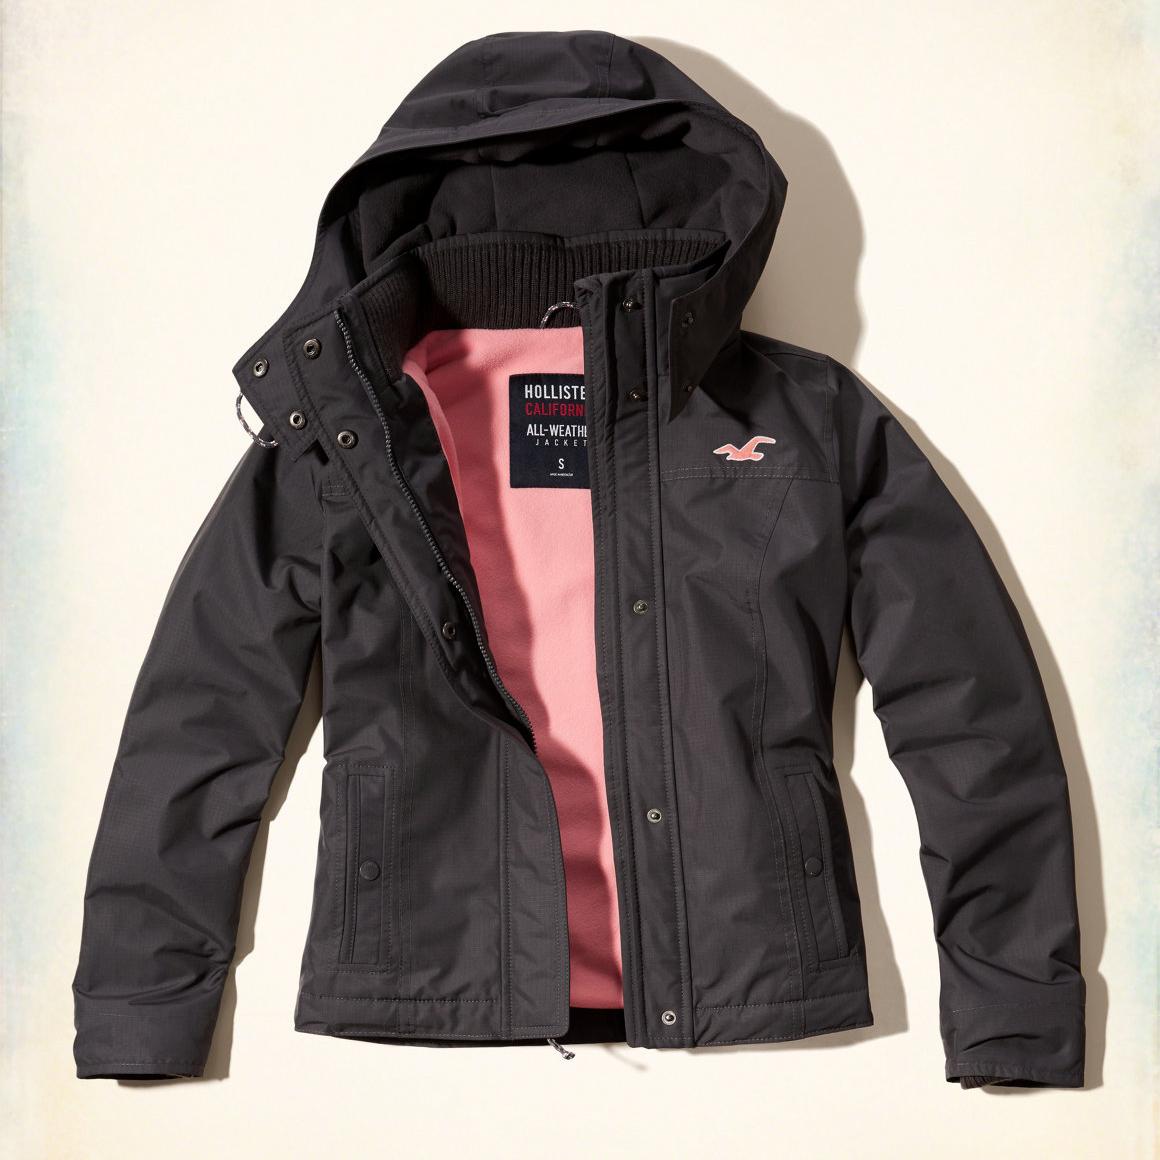 美國百分百【全新真品】Hollister Co. 風衣 外套 HCO 連帽 夾克 海鷗 刷毛 深灰色 女 S號 G252